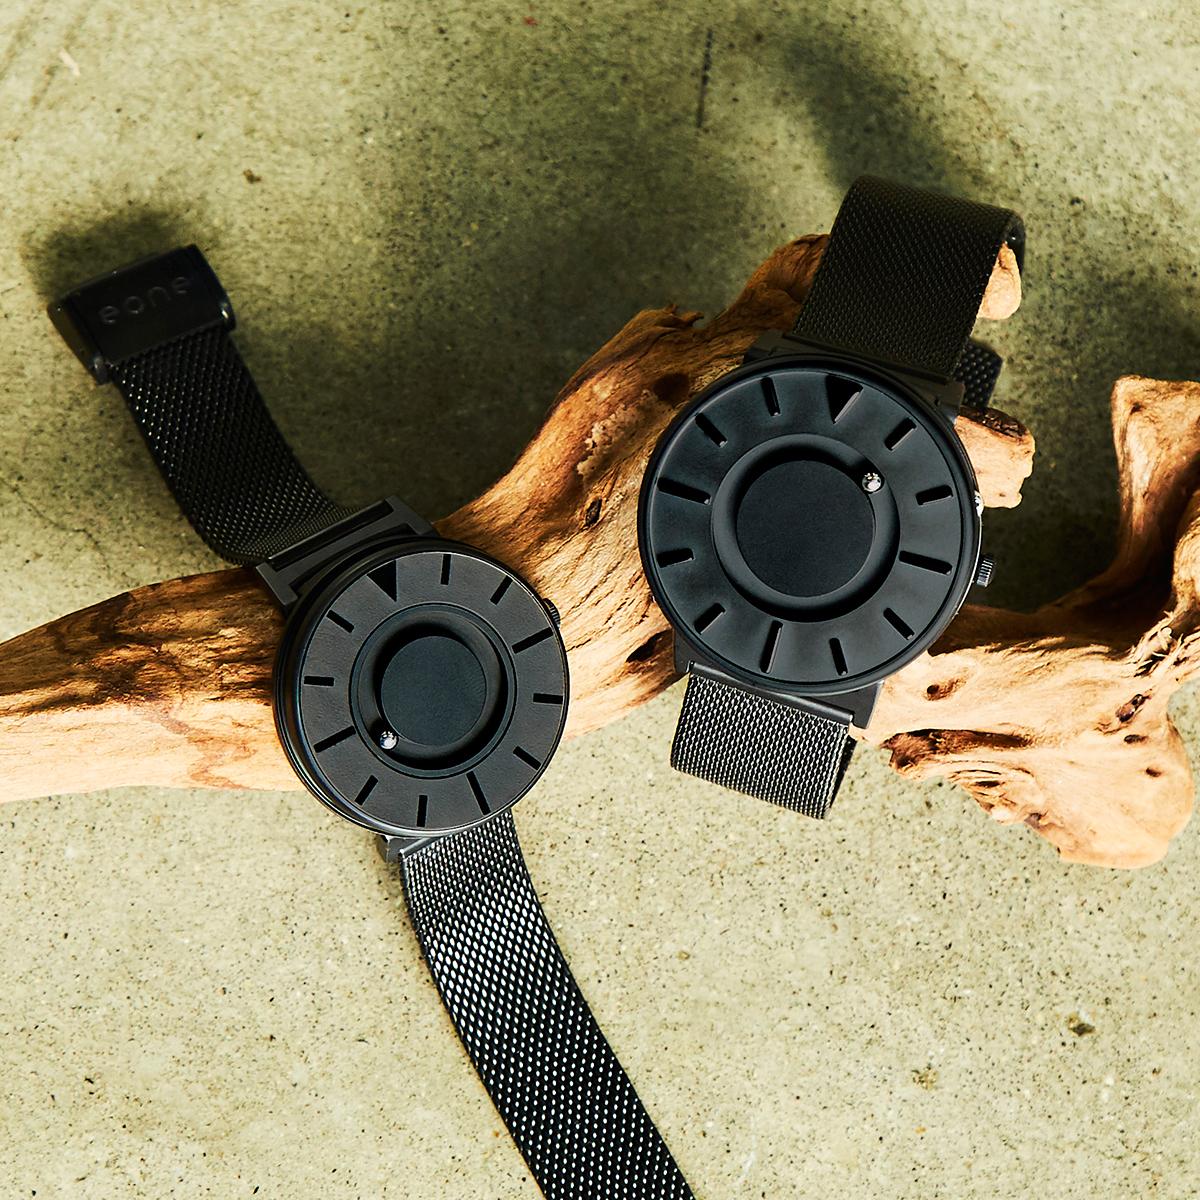 本体(ボディ)は、汗などに錆びにくく、丈夫なステンレススチール製。文字盤には、耐熱性や耐摩耗性に優れたセラミックを使用。触って時間を知る「腕時計」| EONE